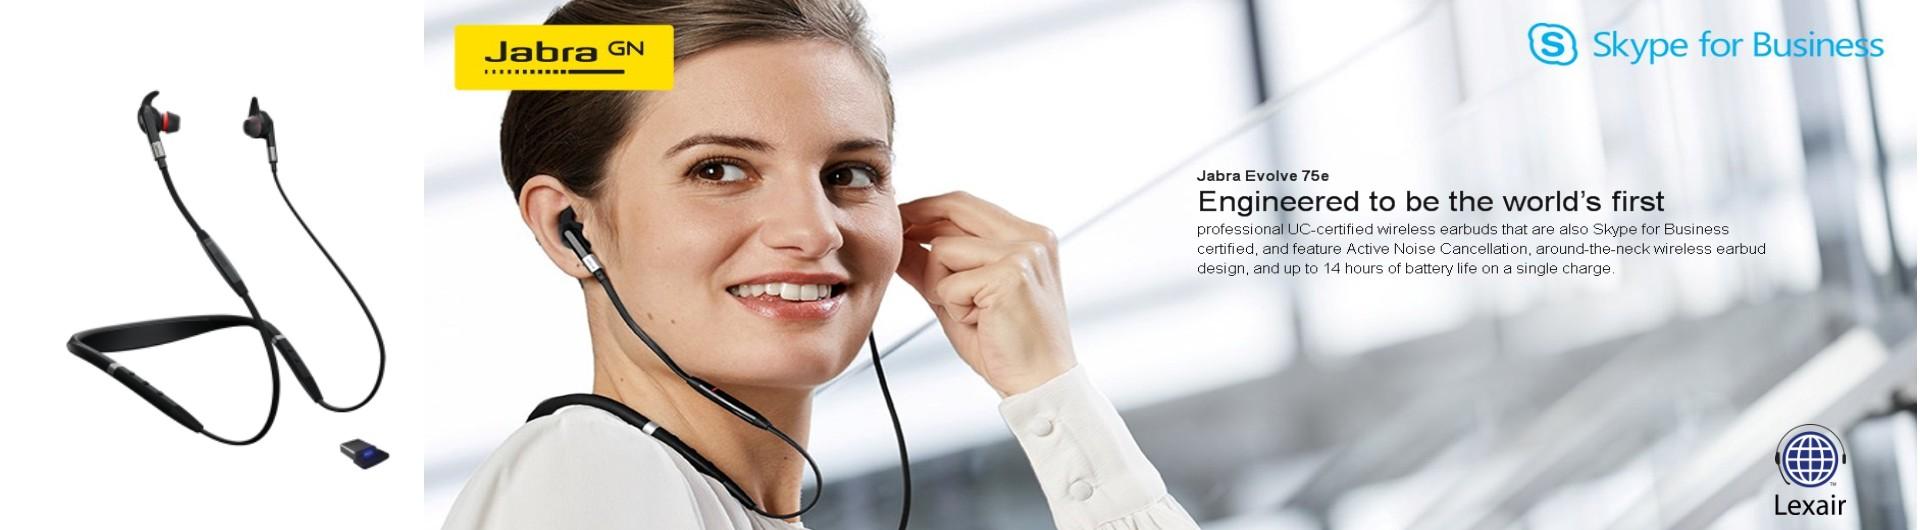 Jabra Evolve 75e World S First Professional Uc Certified Wireless Earbuds Lexair